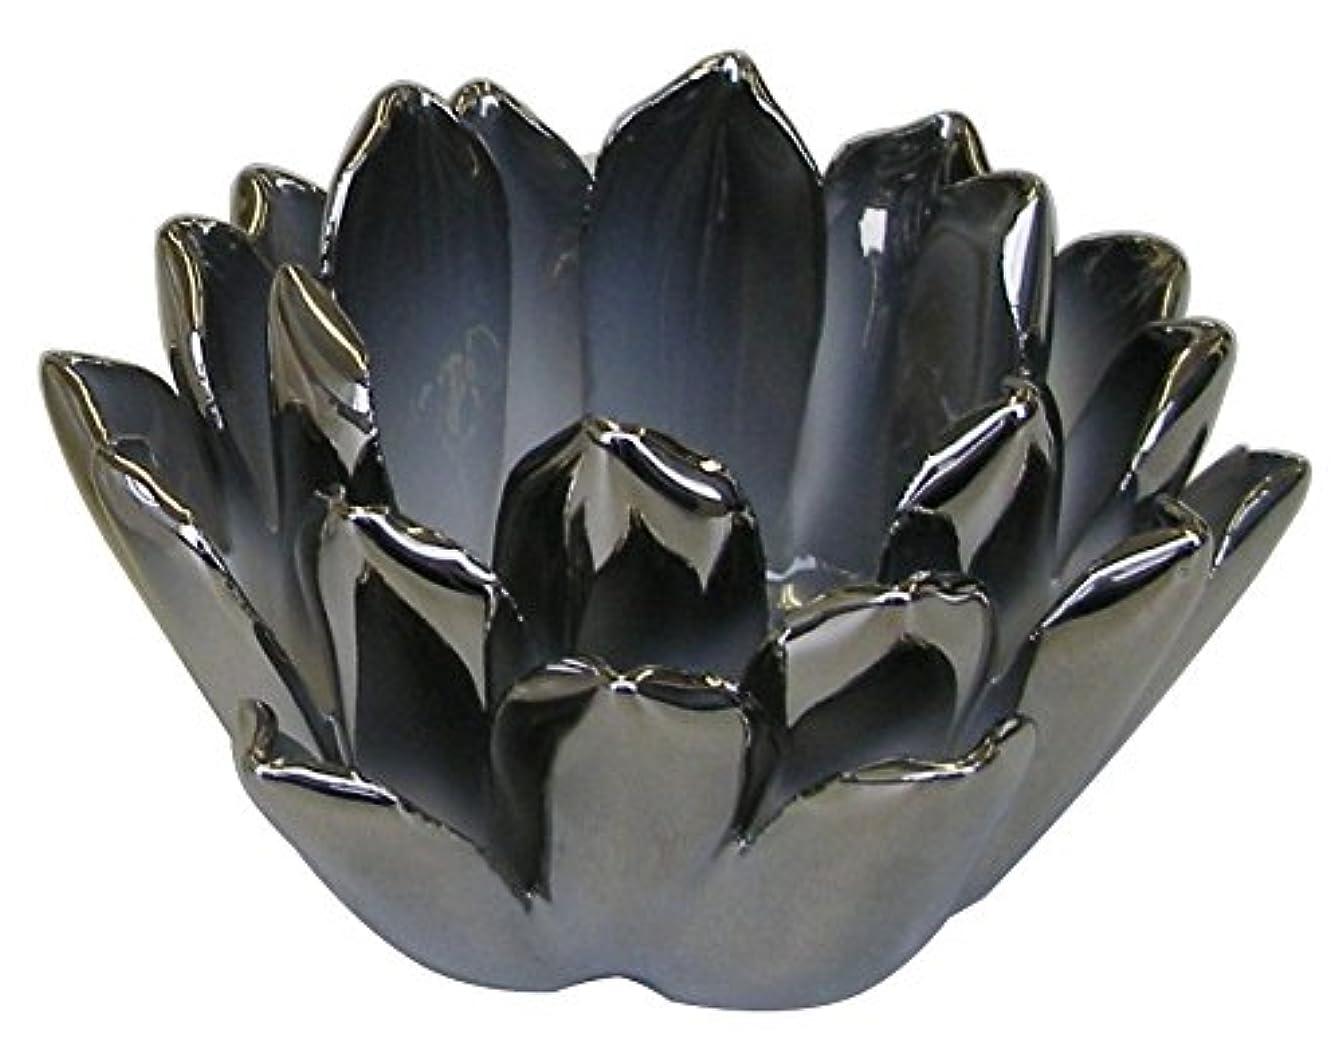 運賃原告狂ったマルエス 燭台 陶器製 ロータス 小 シルバー